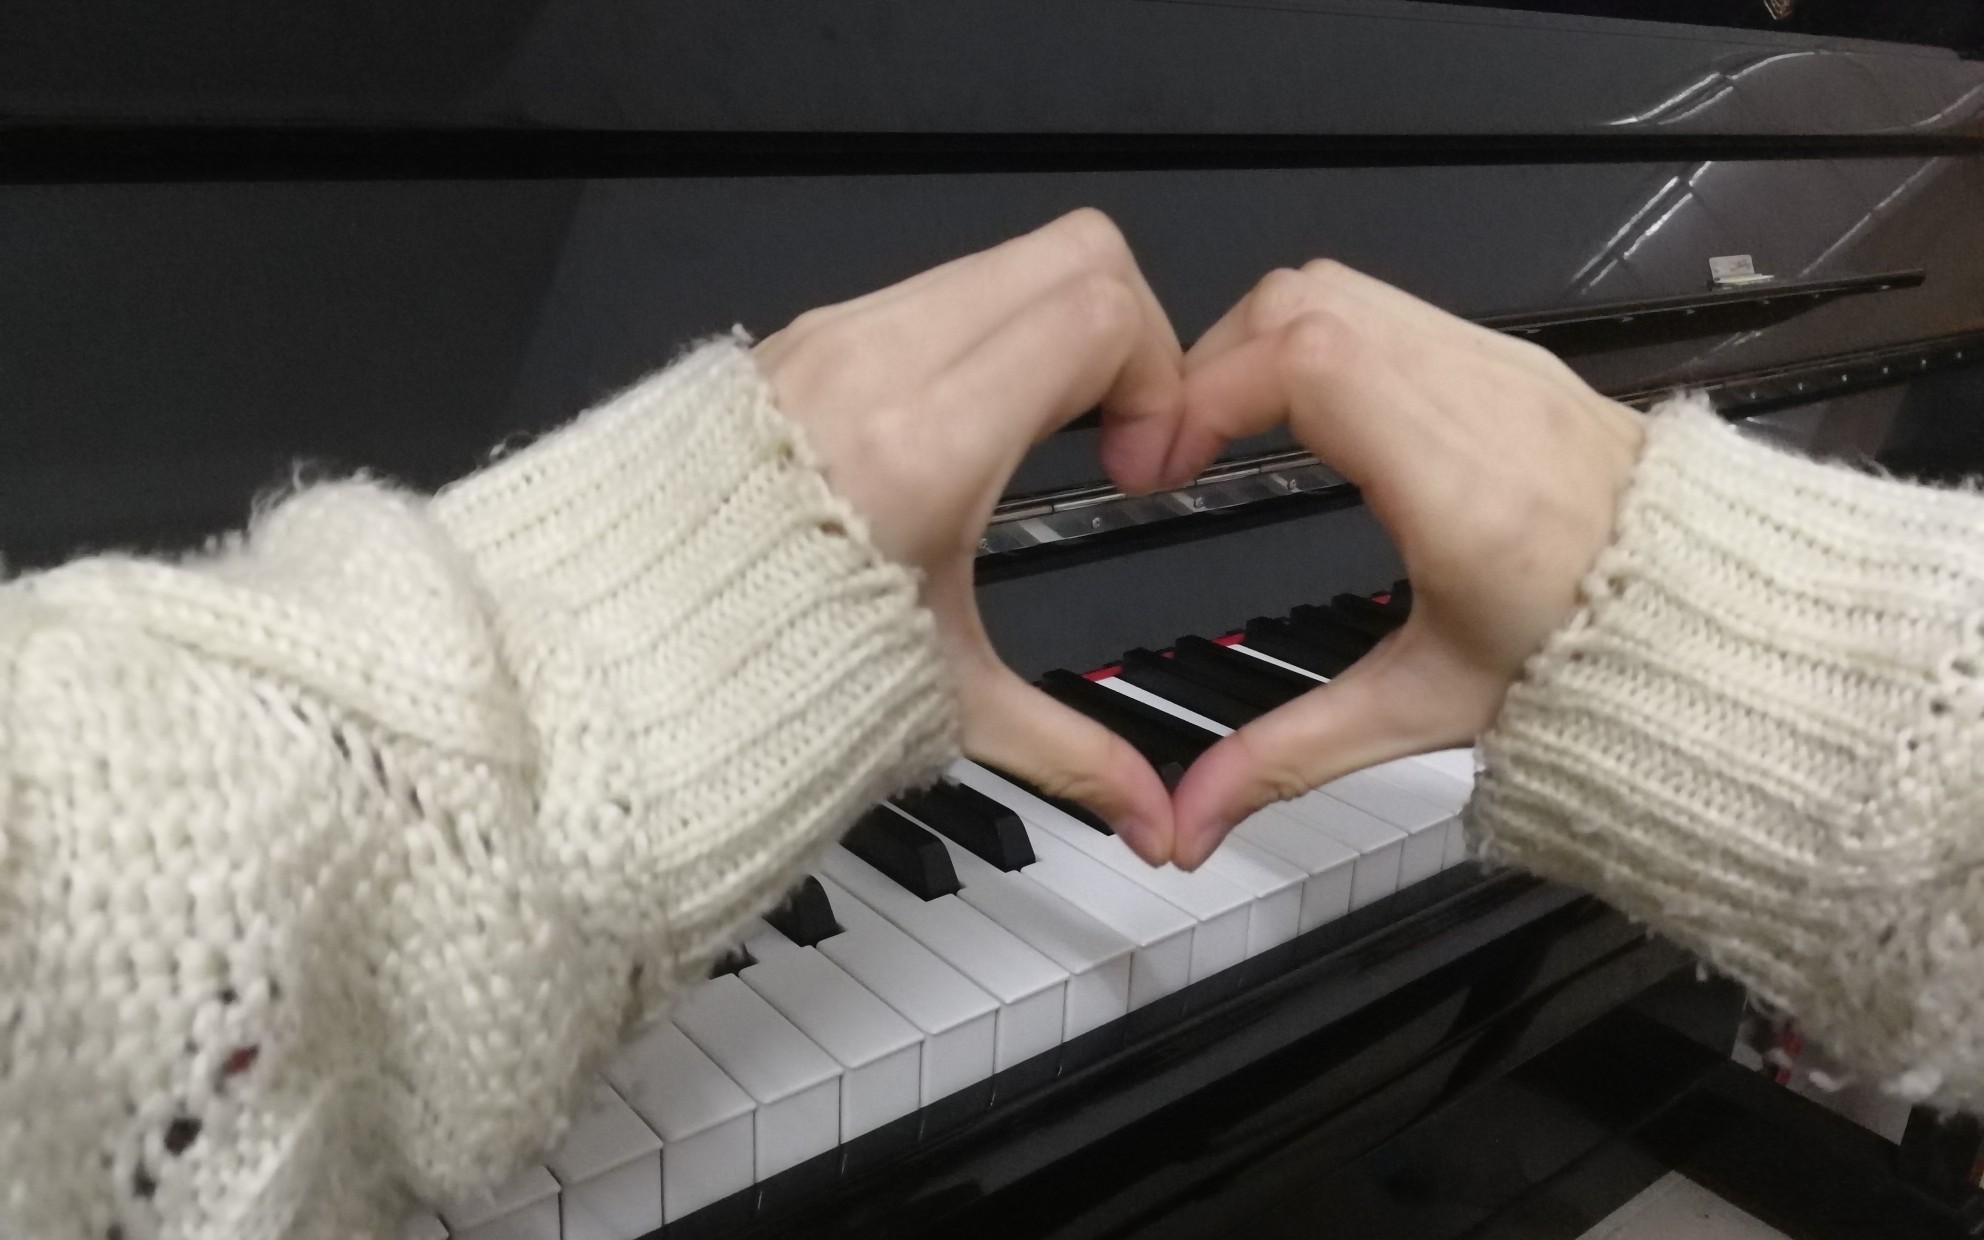 【祭音◇钢琴】夏日绿荫o冬天记得防中暑鸭(不是)大家元宵节快乐!